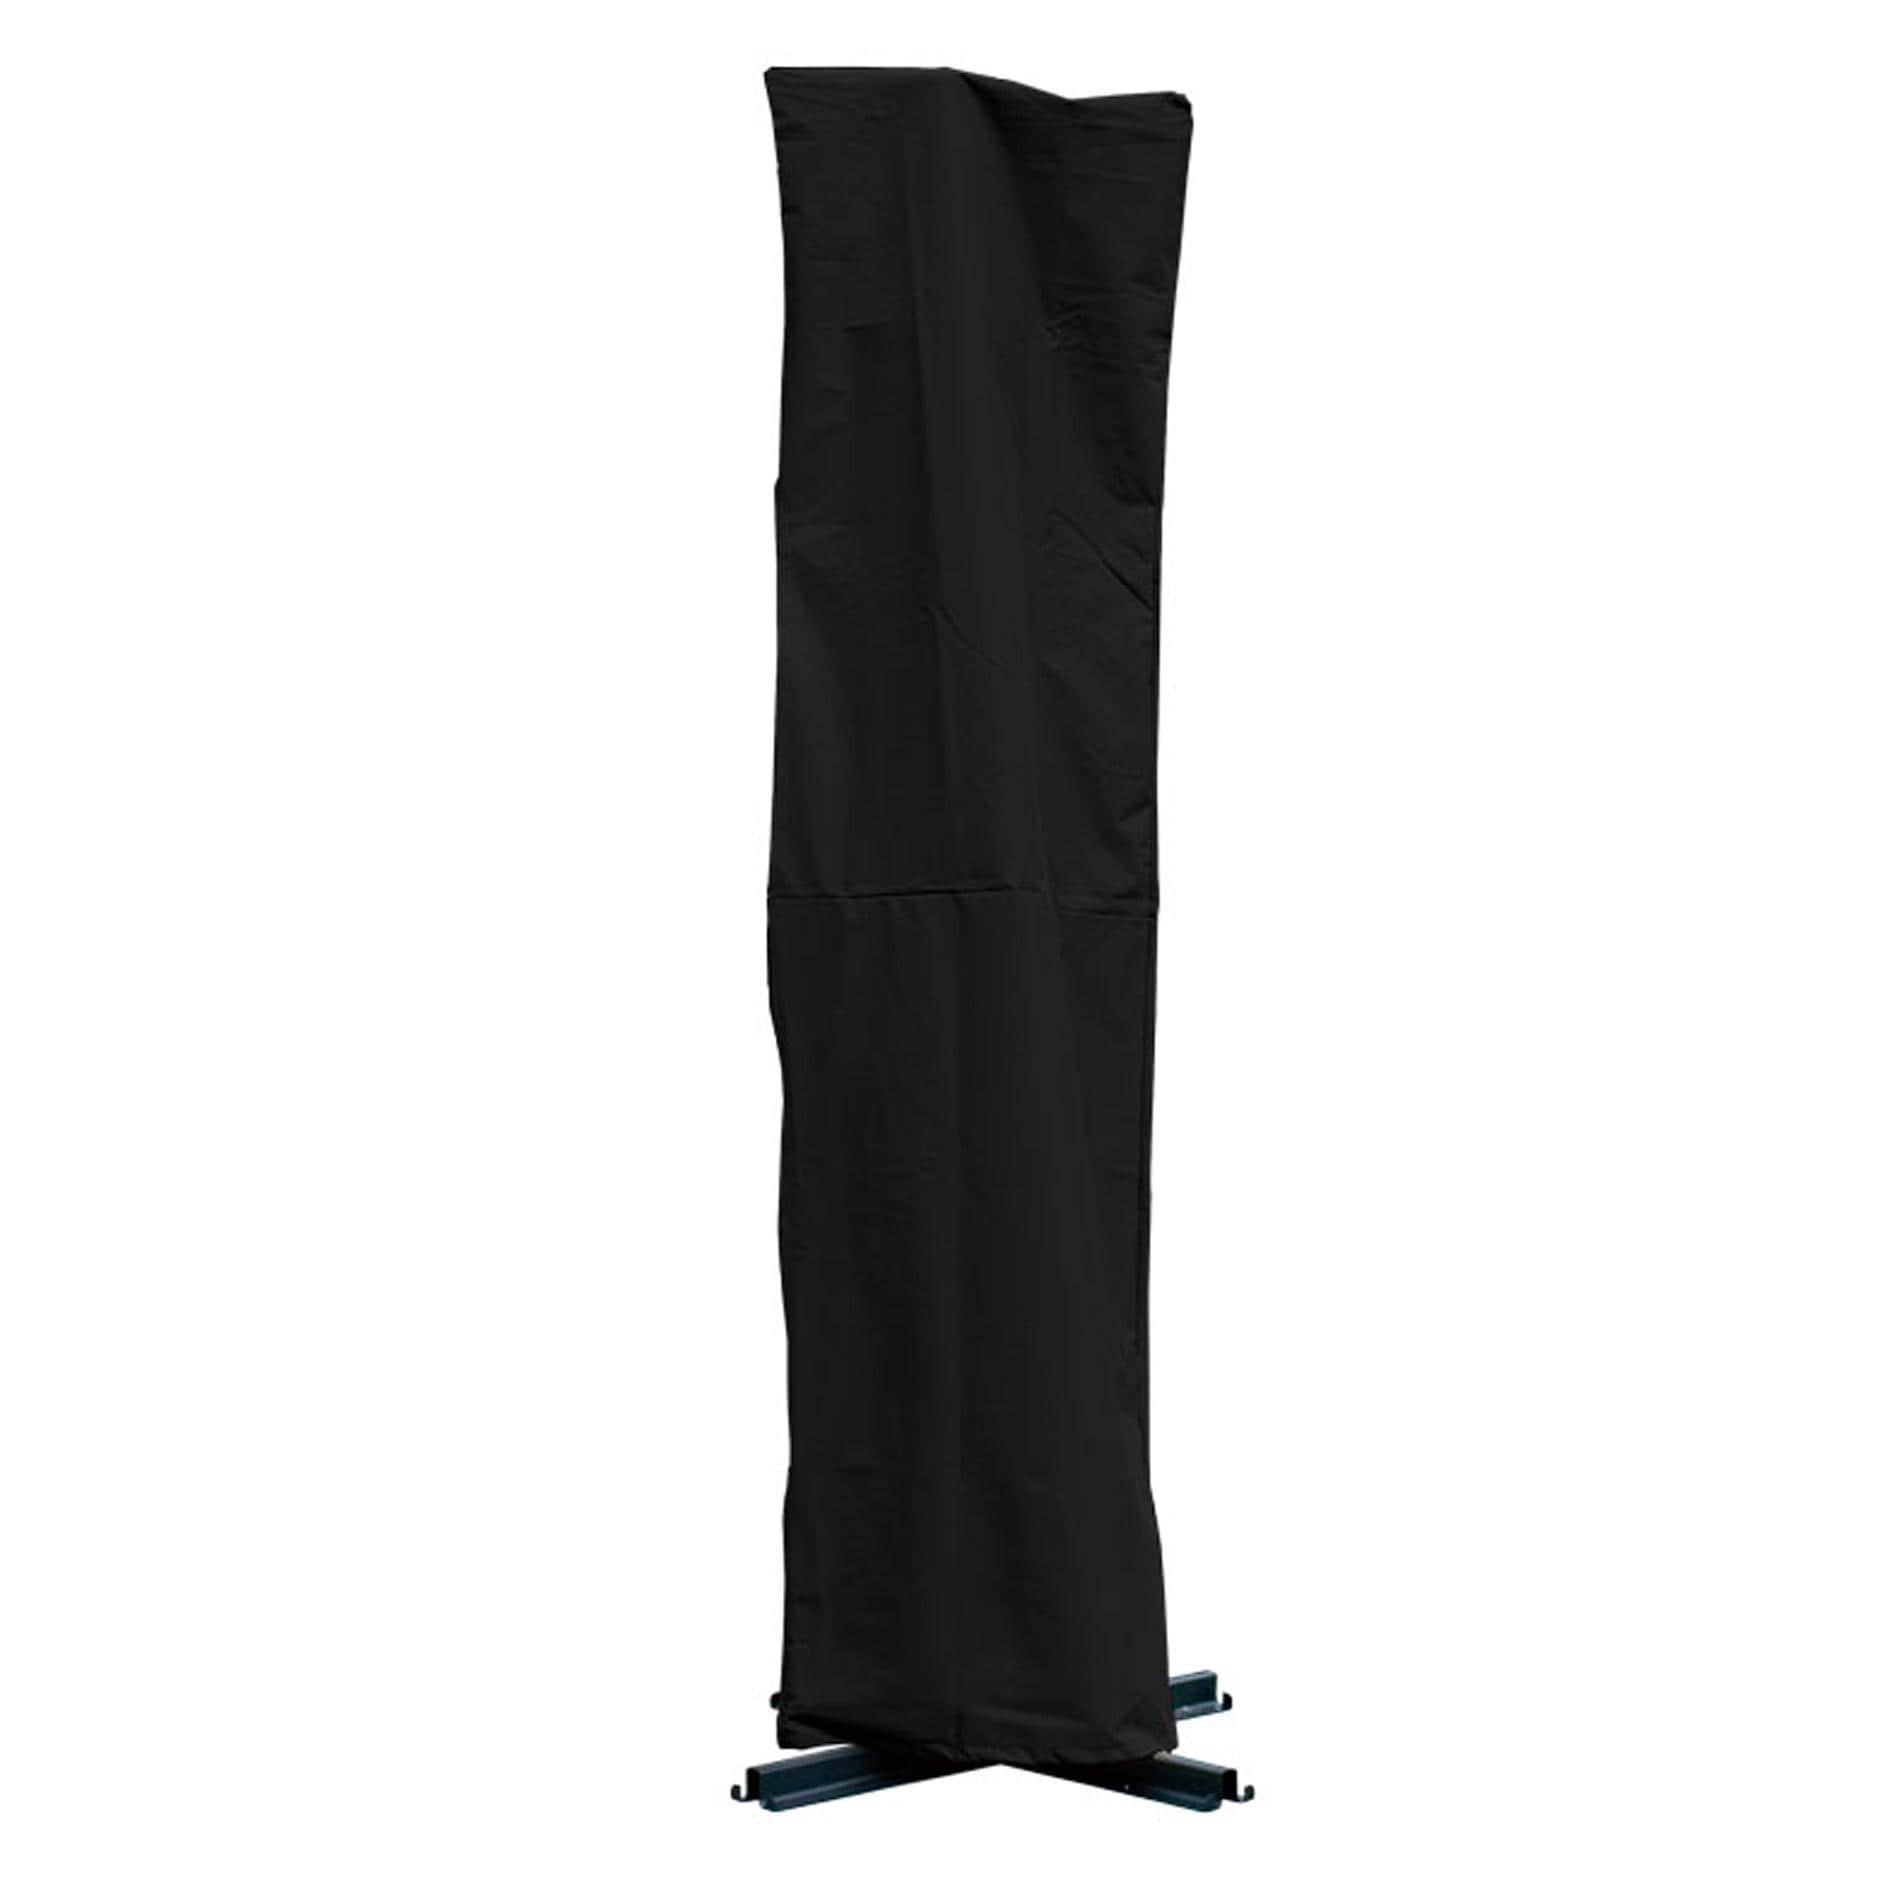 Mr. BBQ Offset Umbrella Full Length Cover, Black #7209